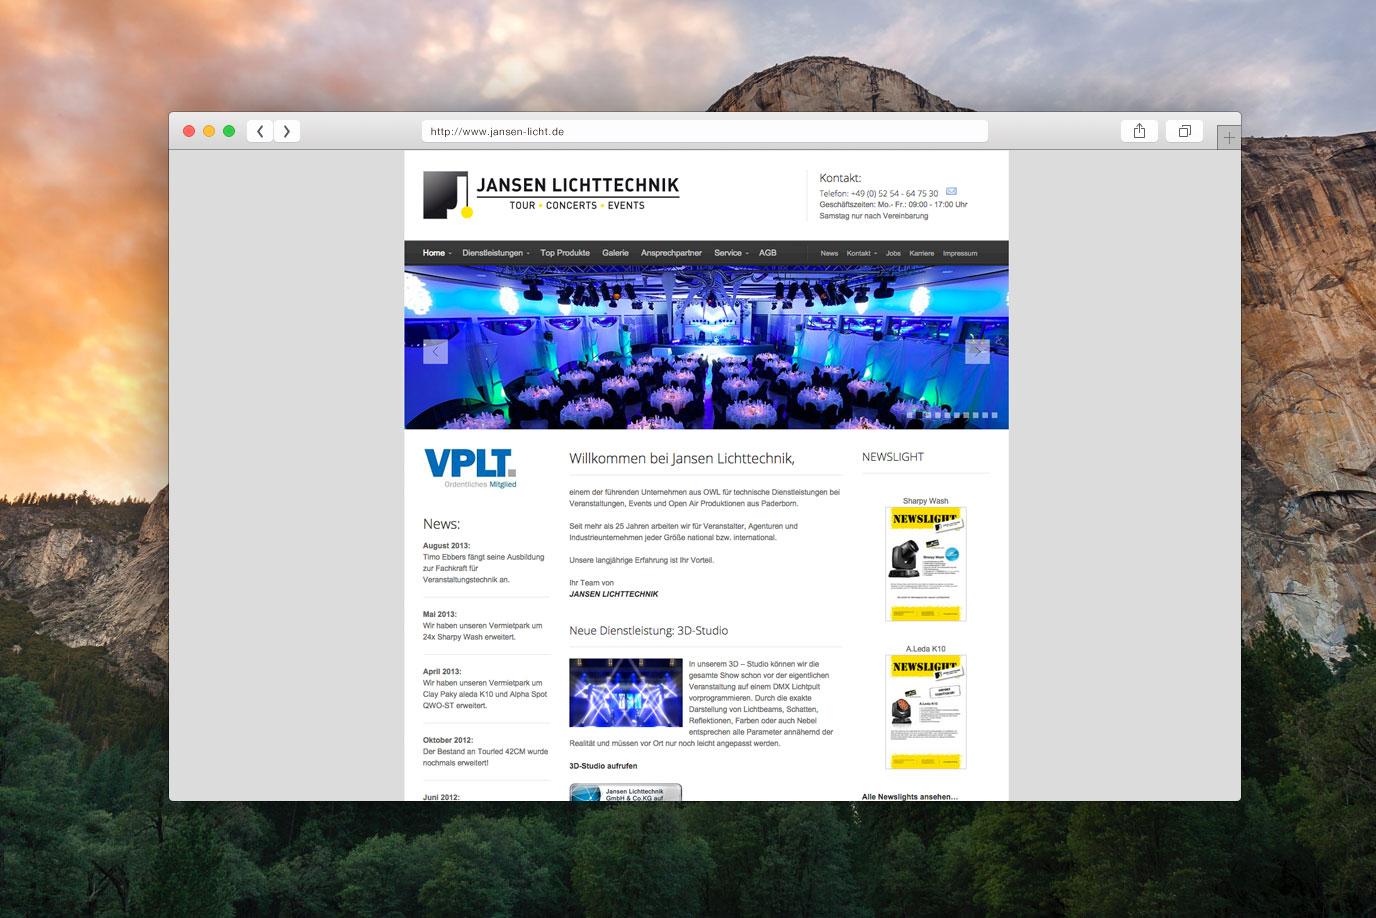 webdesign jansen lichttechnik in paderborn